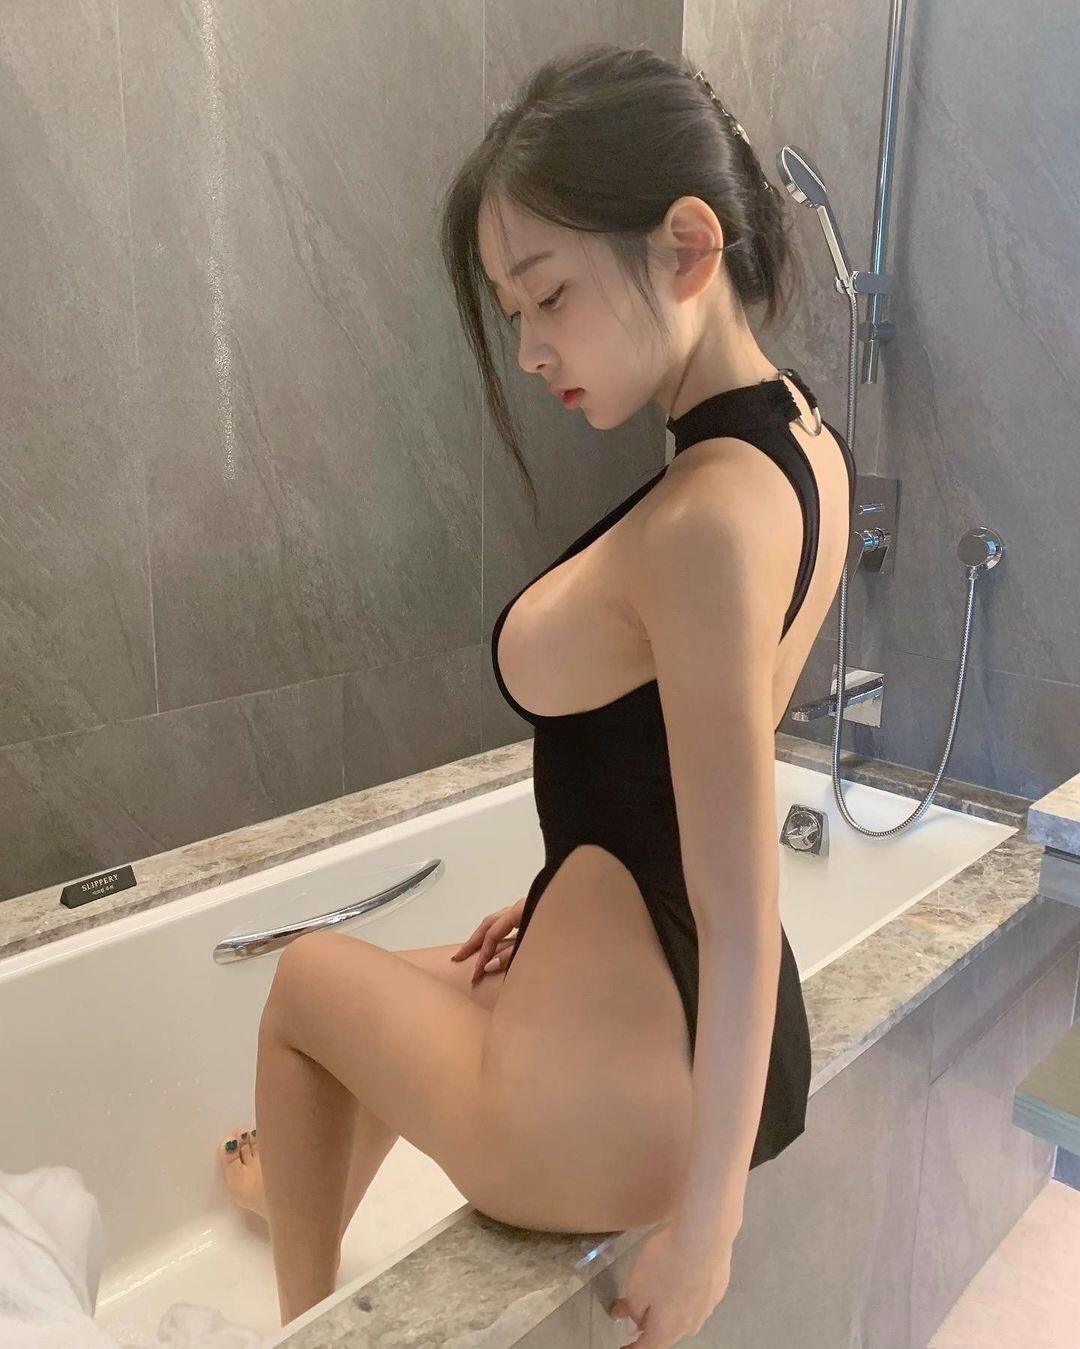 韩国美女博主zennyrt申才恩成为ins新晋网红,丰满身材让人着迷! 第3张